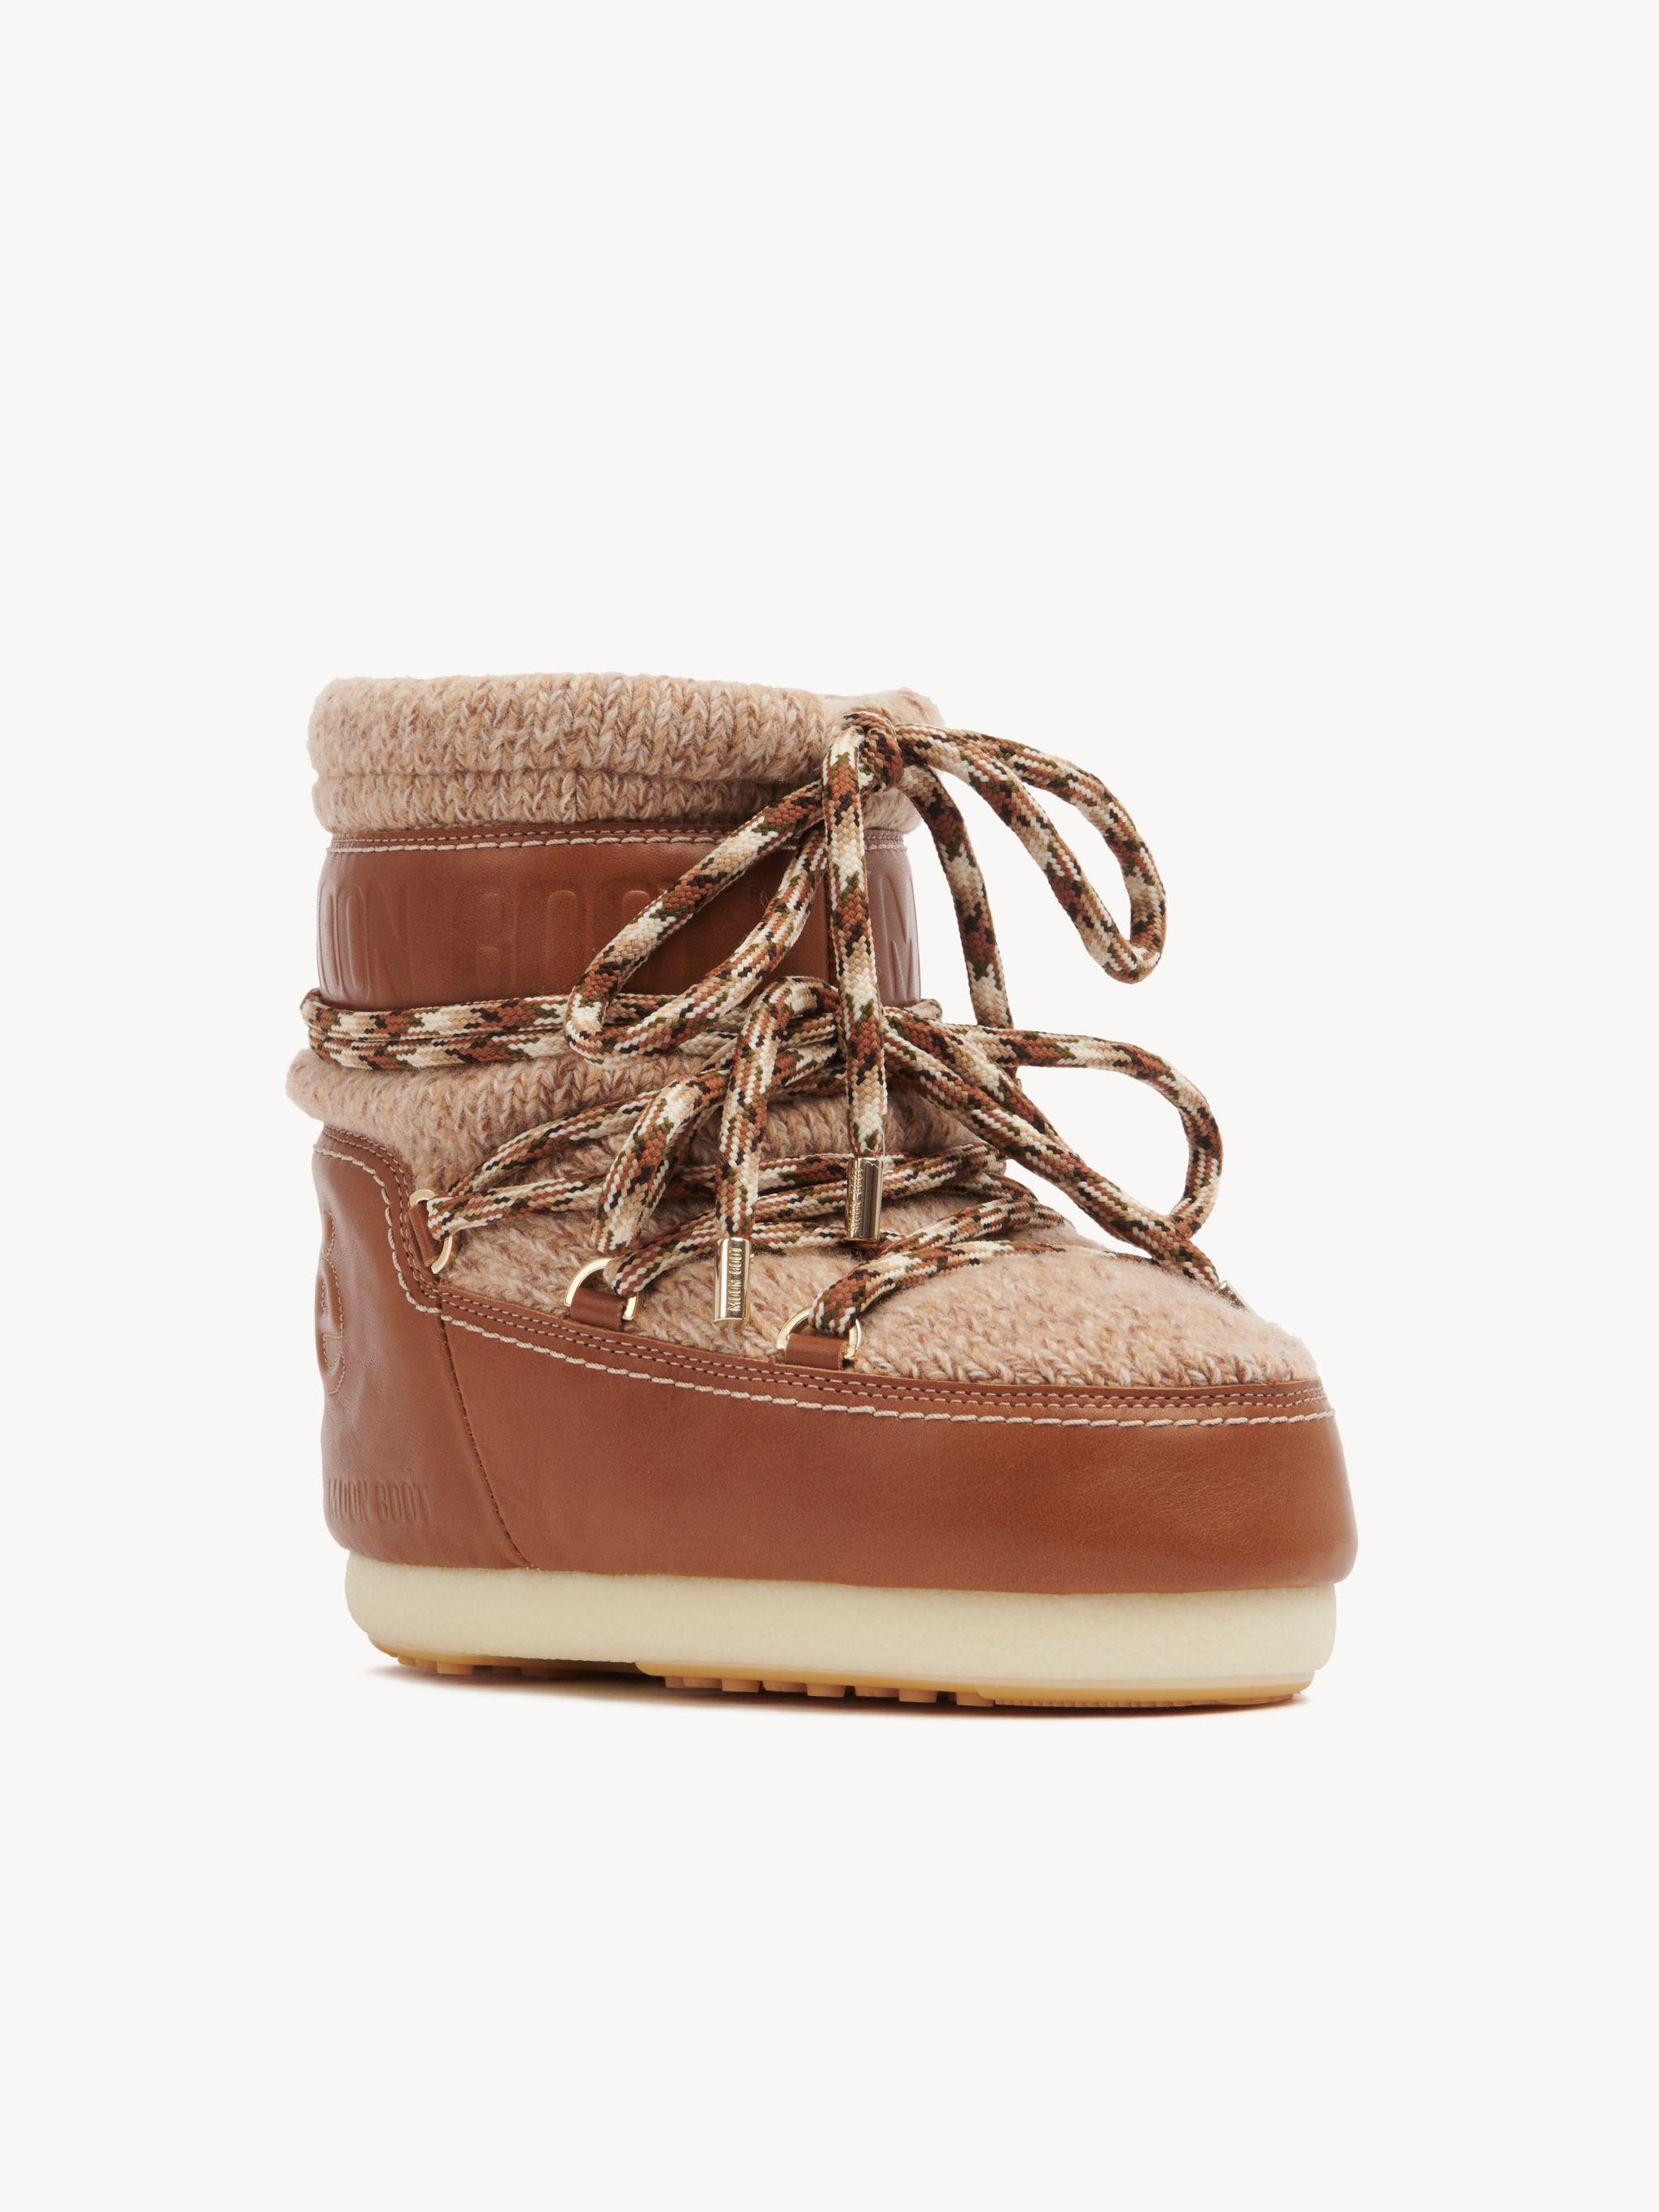 Chloé Ochre Wool Boots